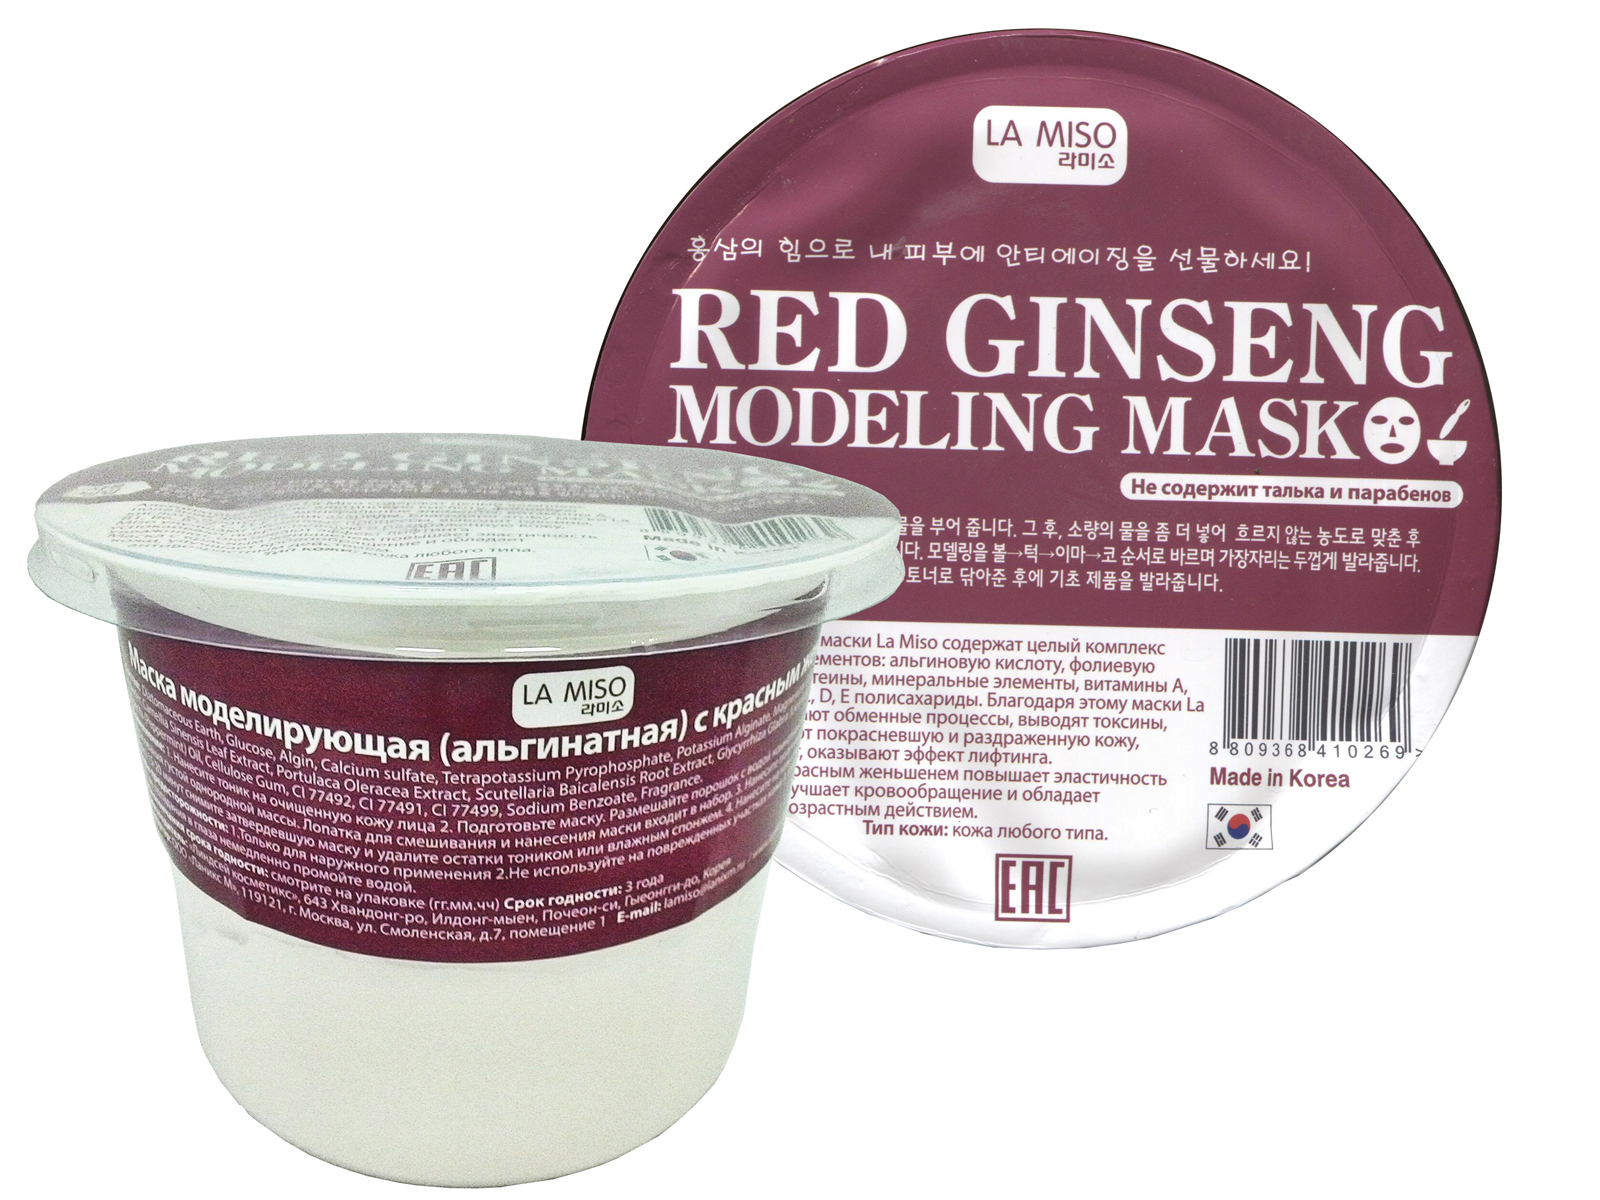 La Miso Маска моделирующая, альгинатная с красным женьшенем, 28 г6102Альгинатные маски La Miso содержат целый комплекс полезных элементов: альгиновую кислоту, фолиевую кислоту, протеины, минеральные элементы, витамины A, B1, B6, B12, C, D, E полисахариды. Благодаря этому маски La Miso улучшают обменные процессы, выводят токсины, успокаивают покрасневшую и раздраженную кожу, увлажняют, оказывают эффект лифтинга.